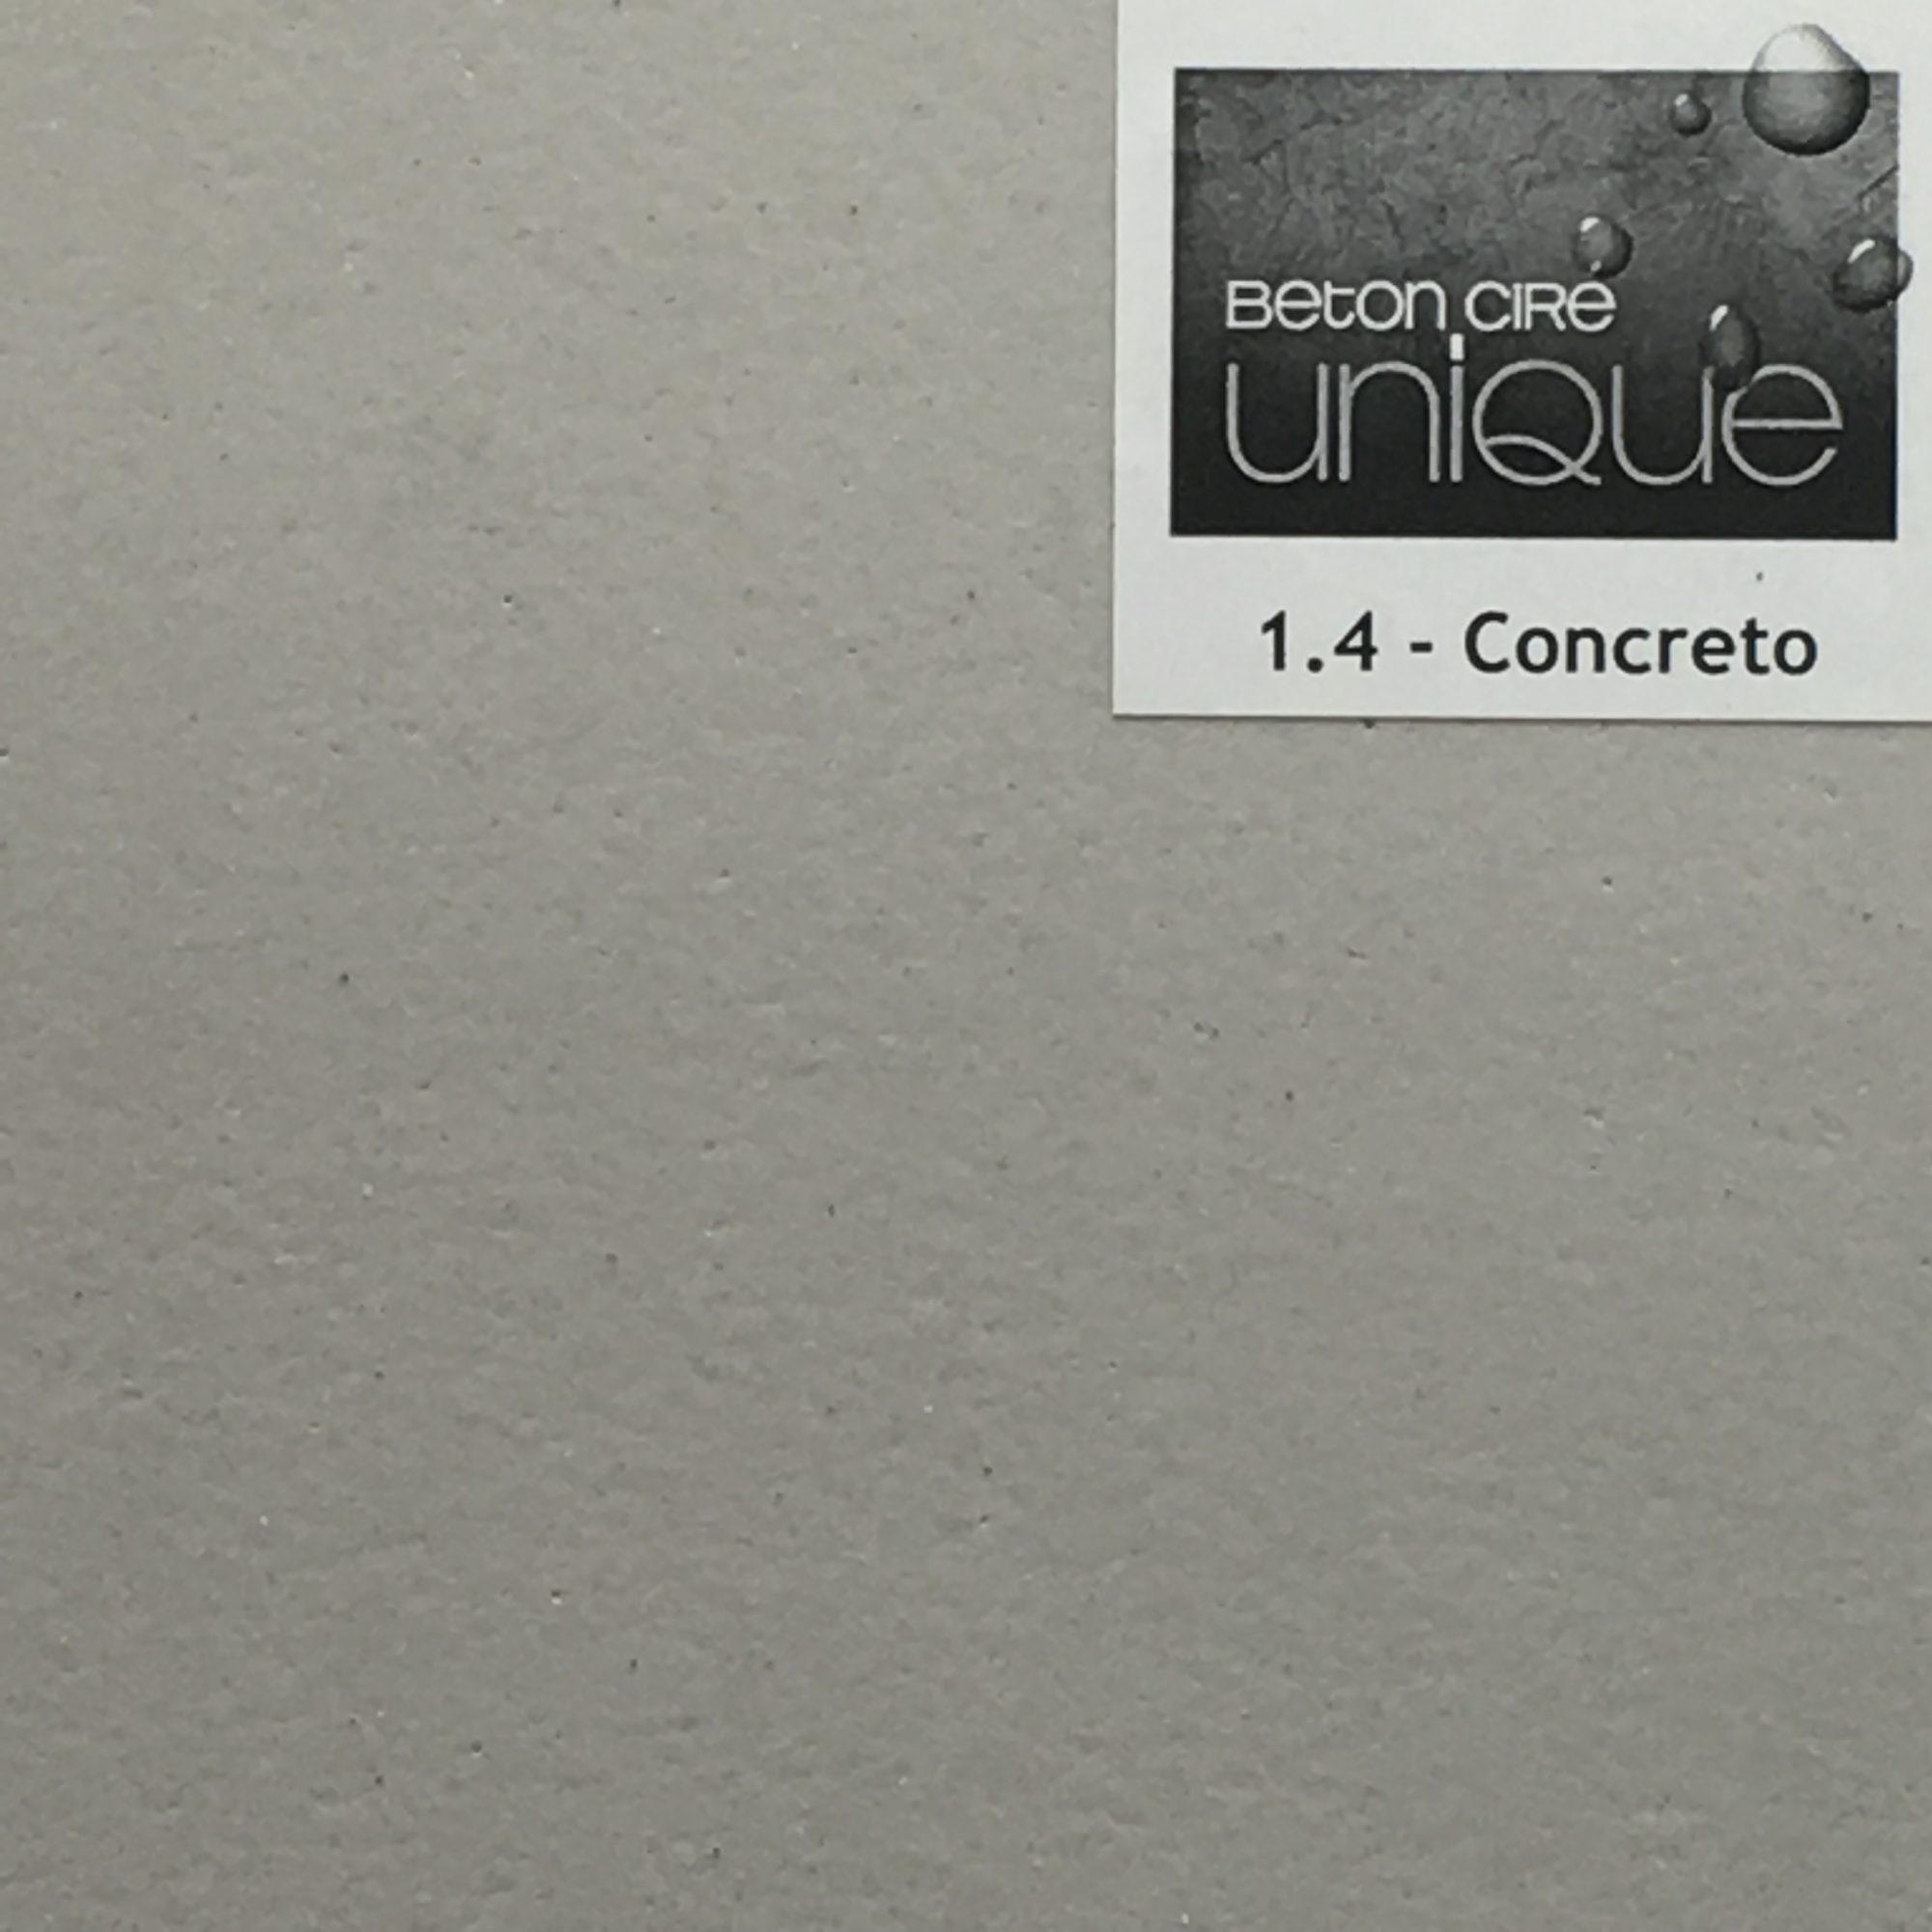 Beton Cire Kaufen beton cire bestellen beton cire beton cire sol beton cire